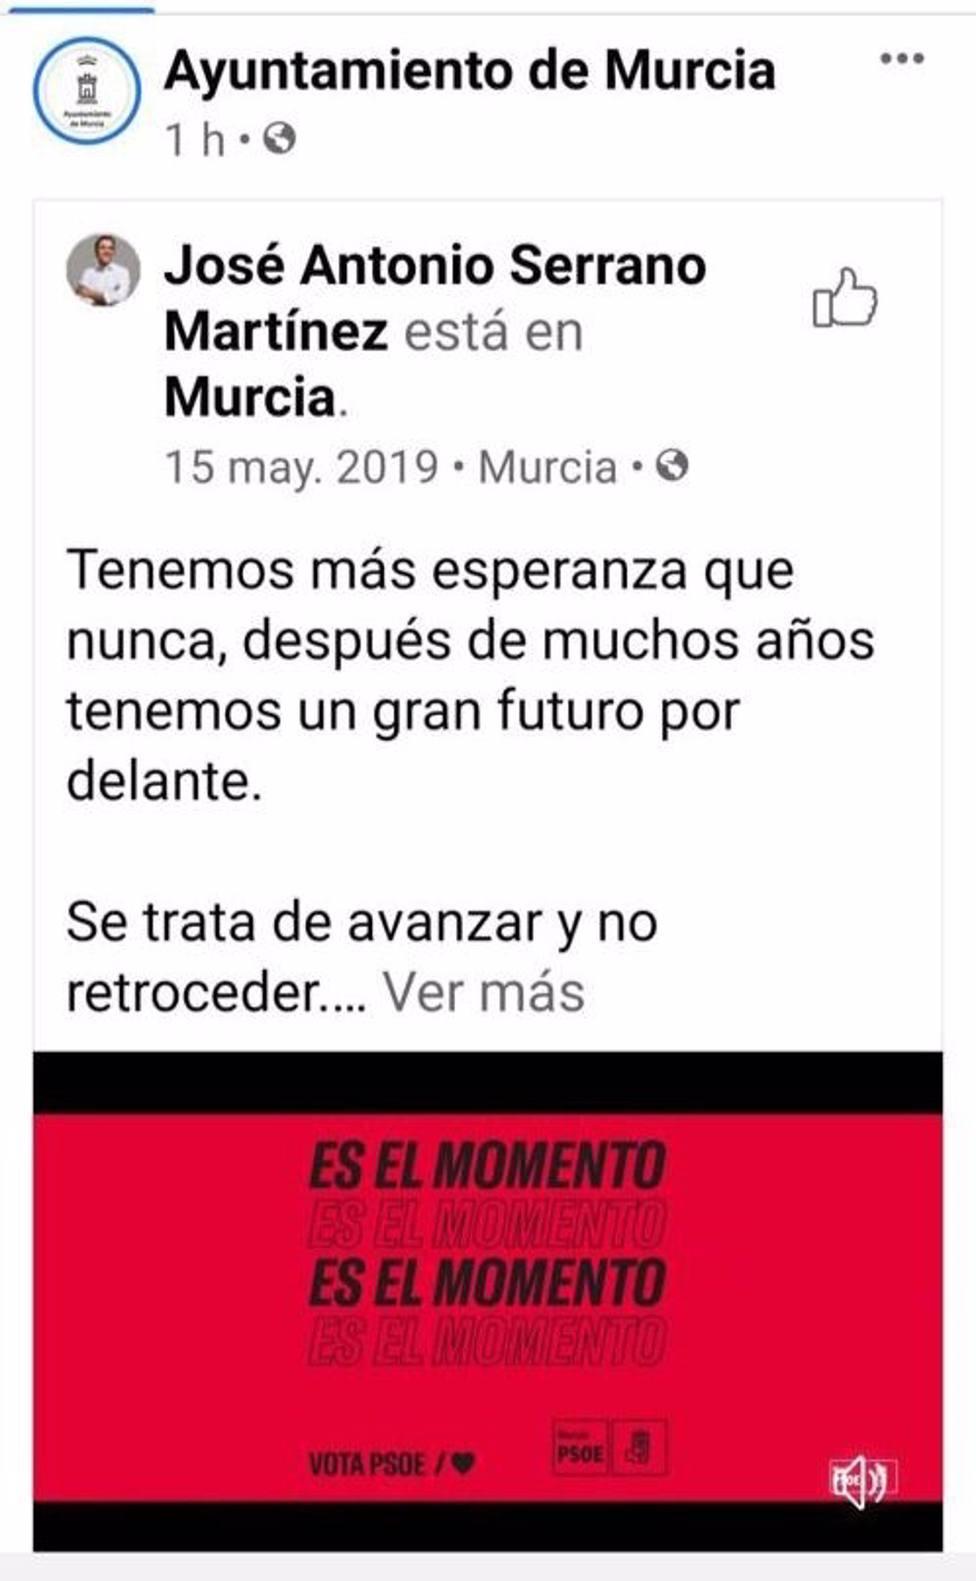 Imágenes con ejemplos del uso, según el PP, que está haciendo el actual equipo de Gobierno de los perfiles del Ayuntamiento de Murcia en las redes sociales